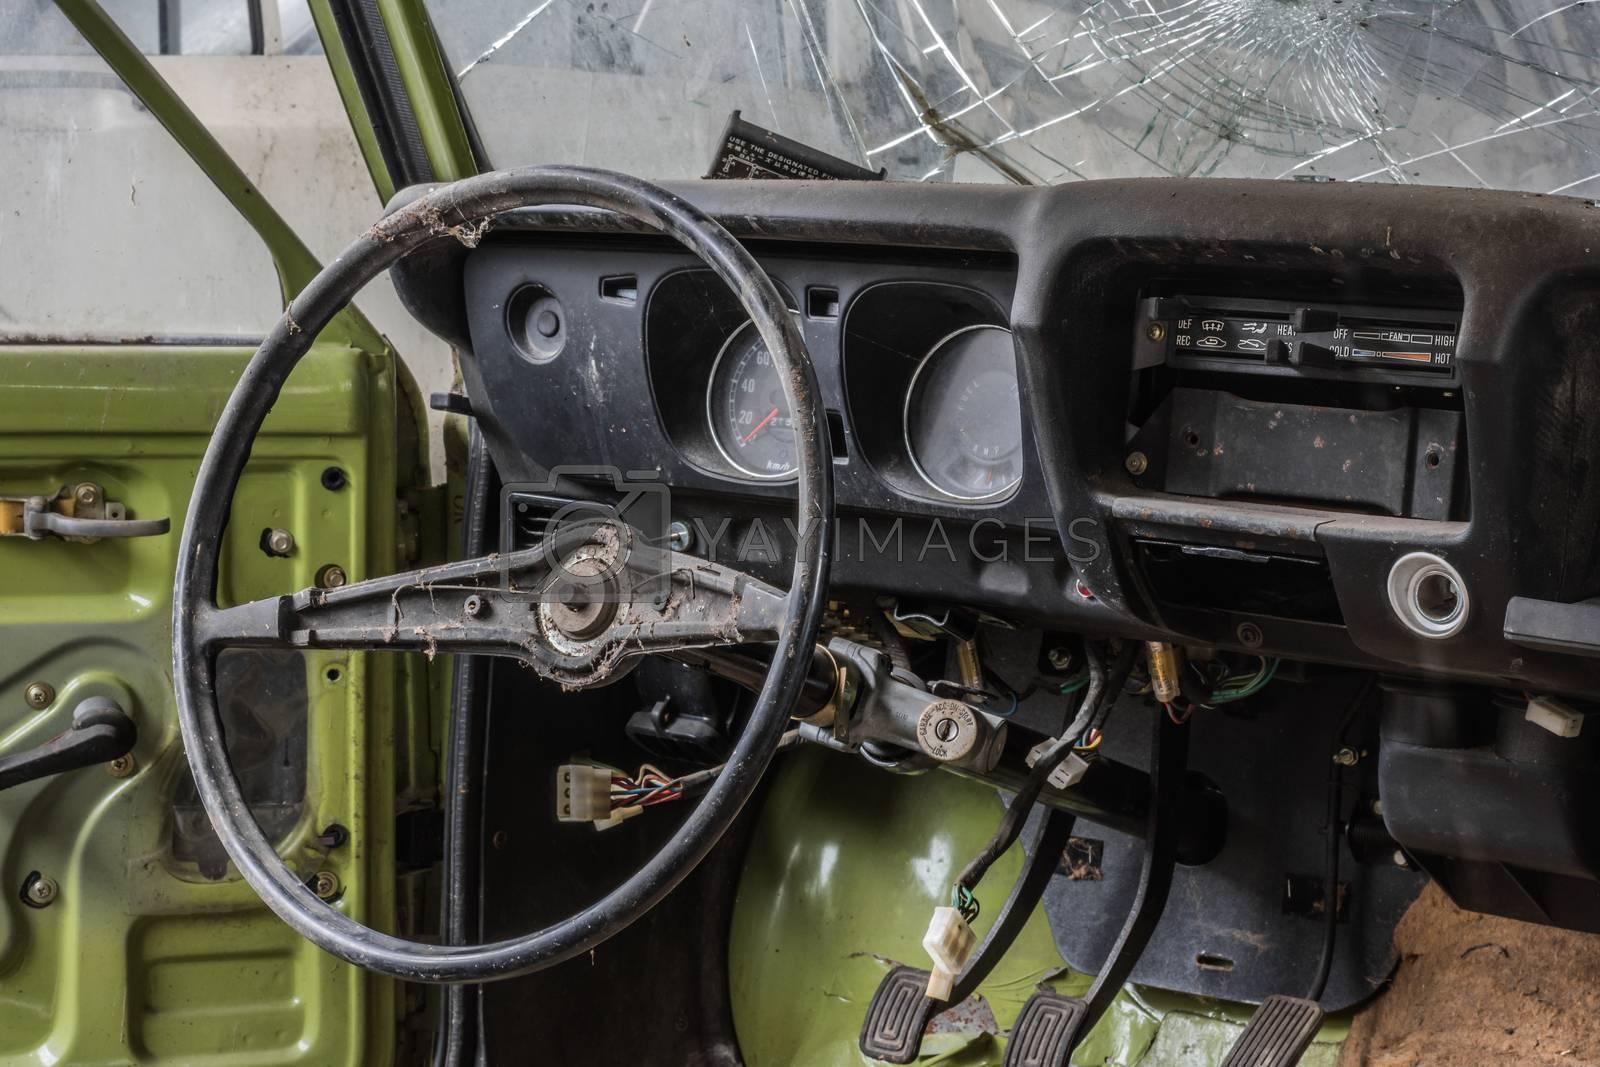 Steering wheel of old green car in an car repair shop